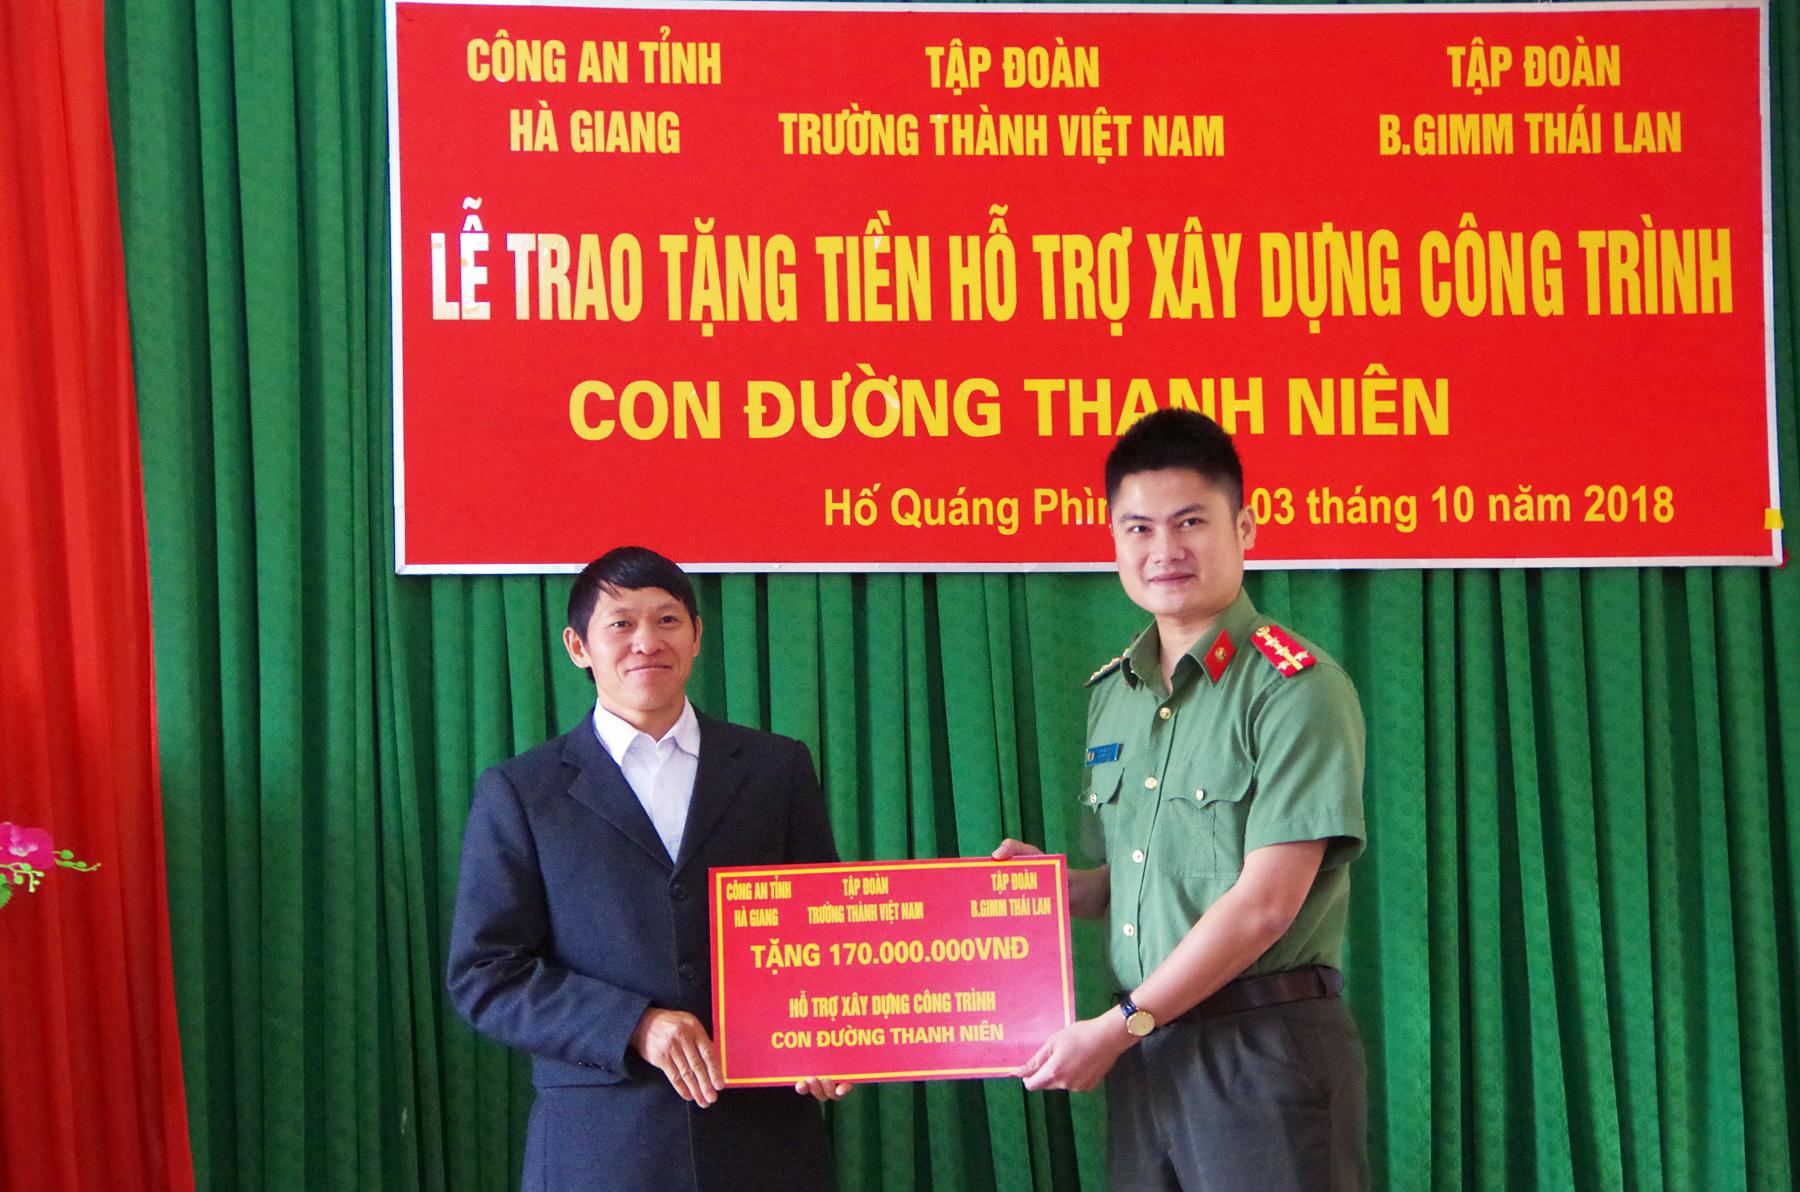 Tuổi trẻ Công an Hà Giang giúp người dân xây dựng đường liên thôn